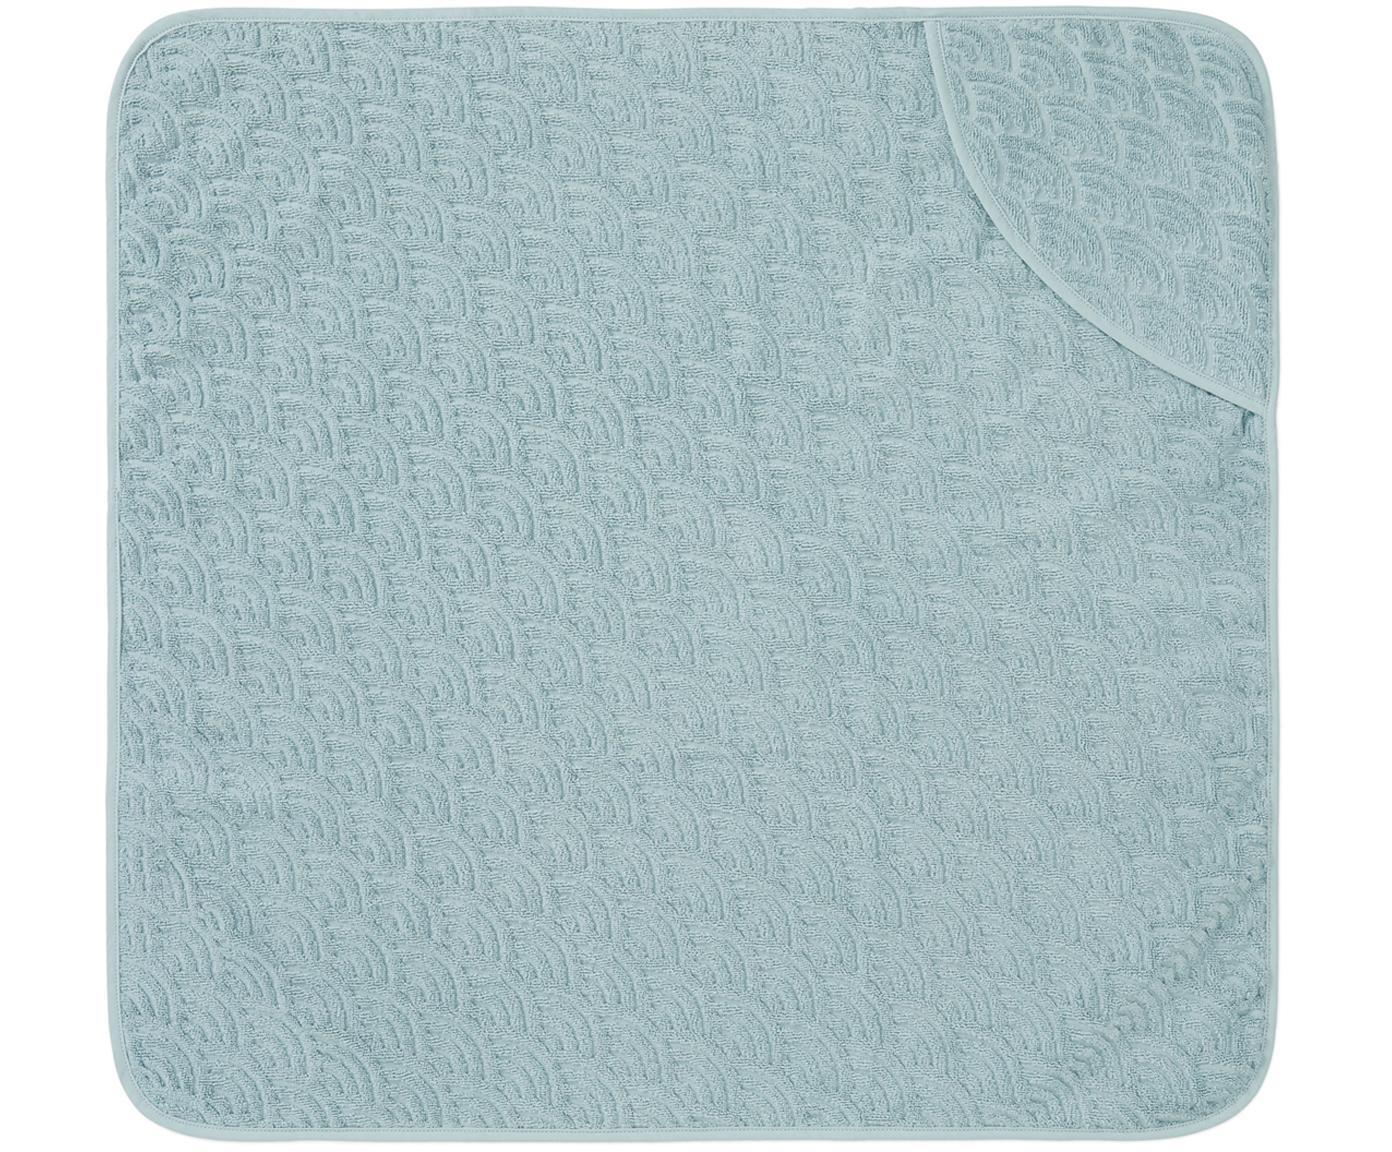 Asciugamano per bambini in cotone organico Wave, Cotone organico, certificato GOTS, Blu, Larg. 80 x Lung. 80 cm